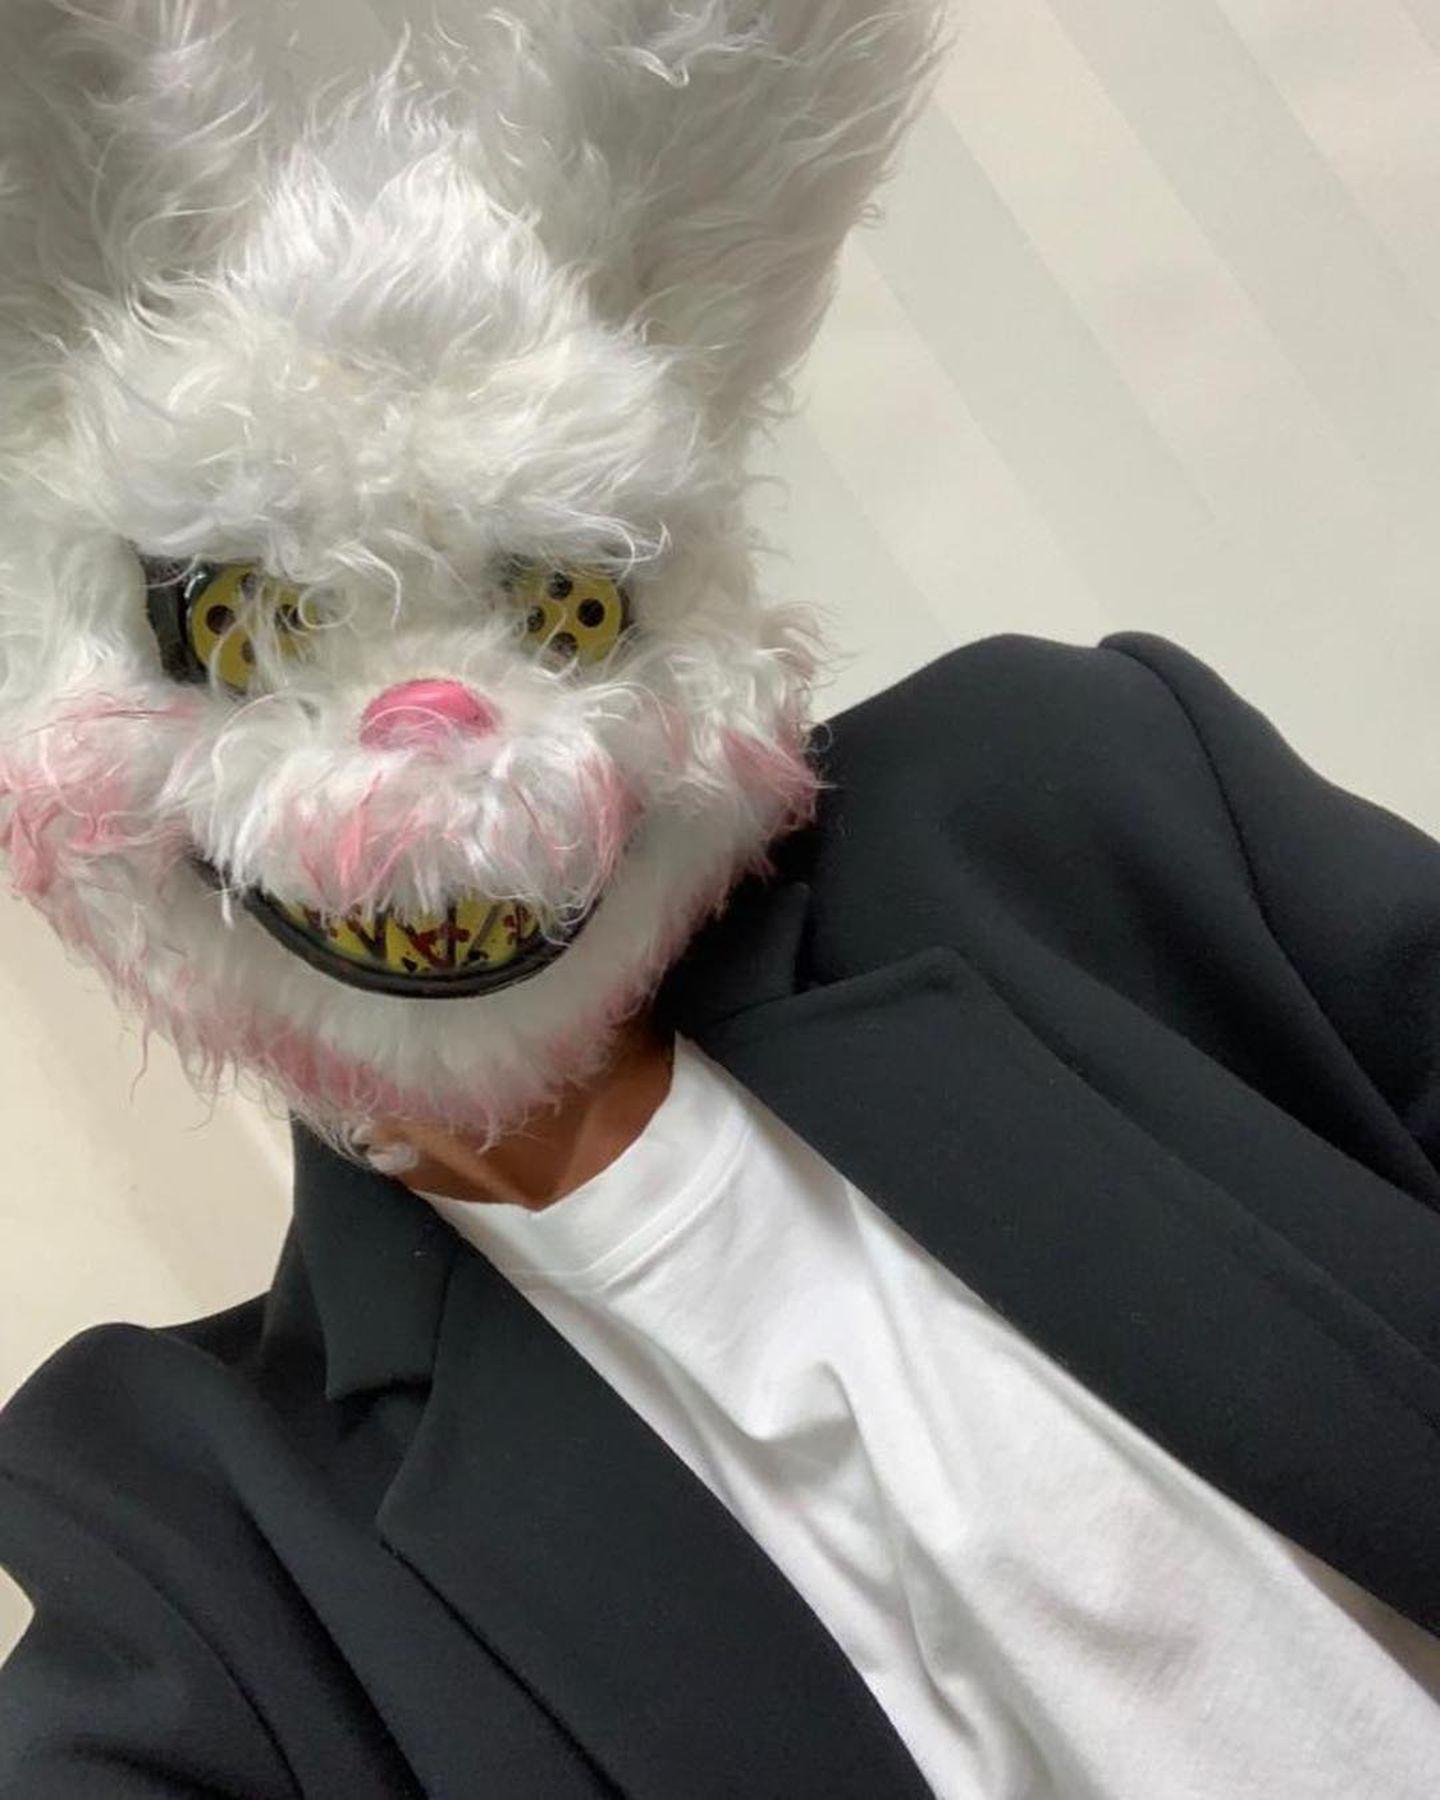 Huch, wer hat sich denn unter dieser Horror-Hasen-Maske versteckt?Keine Geringere als Modedesignerin Victoria Beckham! Die sonst so stylische Designerin zeigt sich an Halloween mal ganz ungewohnt.